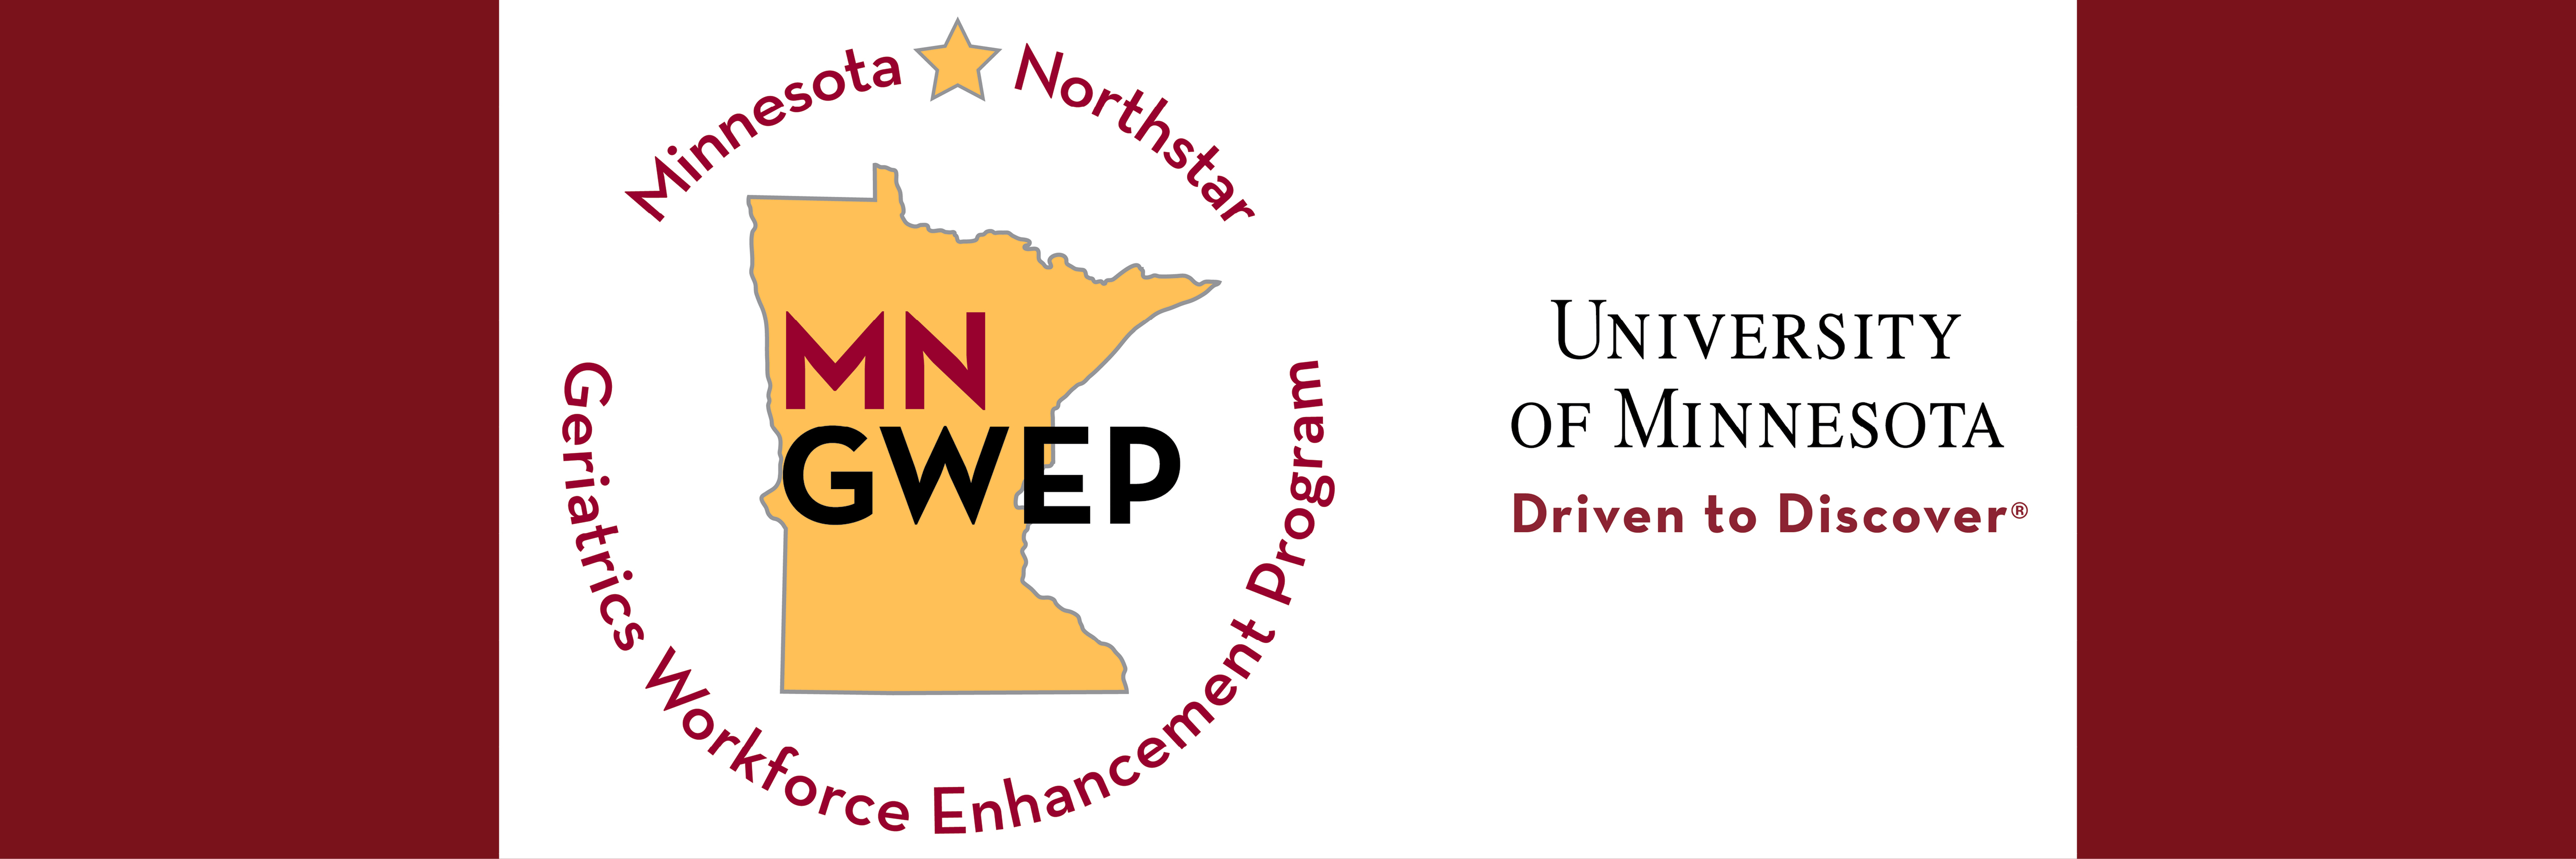 Minnesota Northstar GWEP